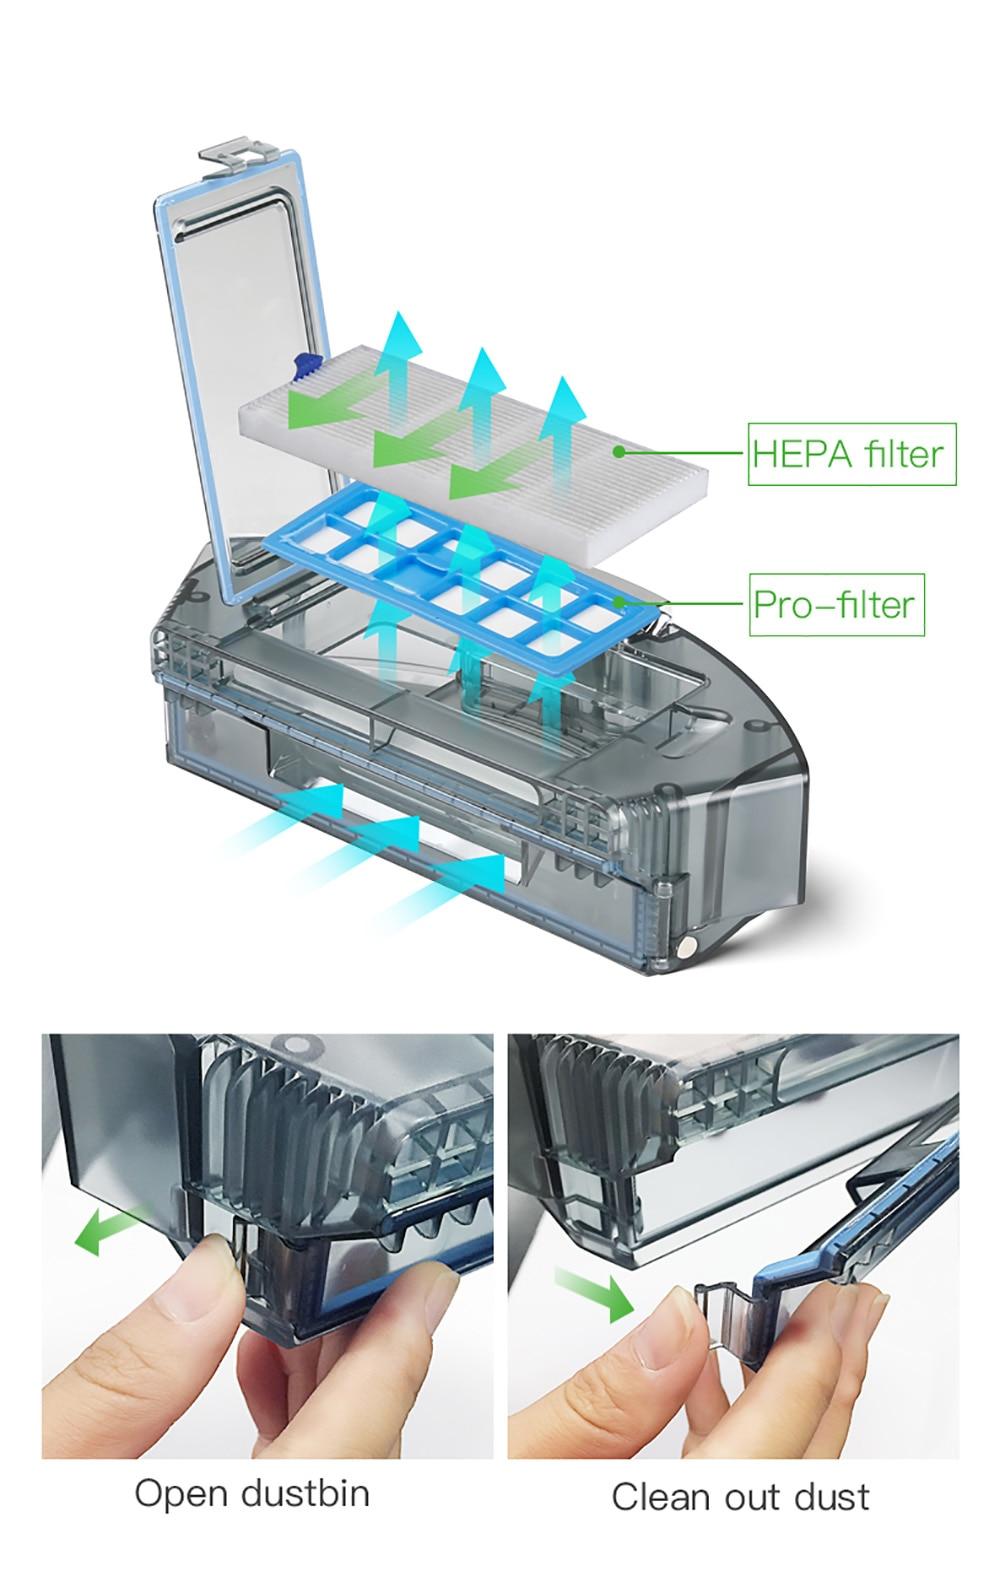 Dibea D960 Robot aspirateur intelligent avec aspirateur Robot de nettoyage humide avec technologie de nettoyage des bords pour les tapis minces de poils d'animaux - 4